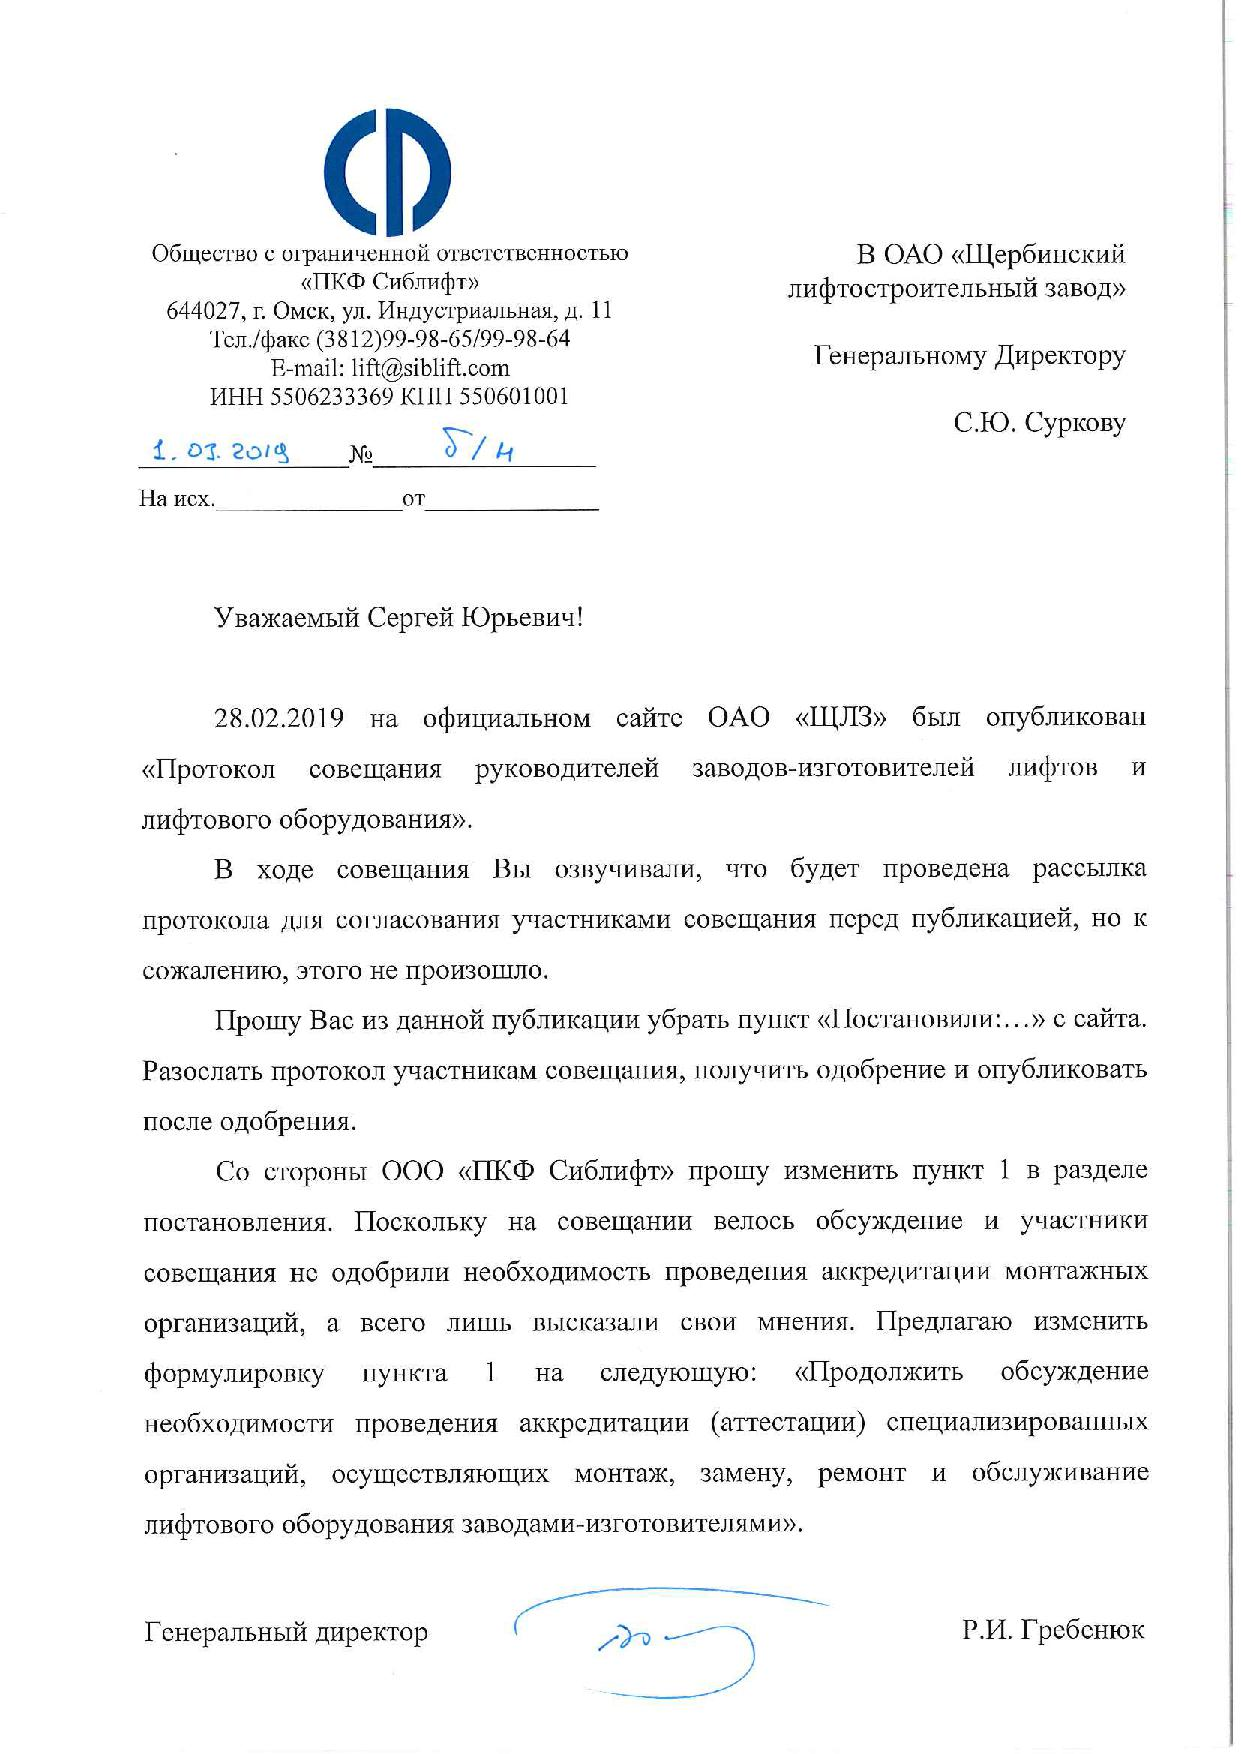 Официальное письмо ООО «ПКФ Сиблифт»